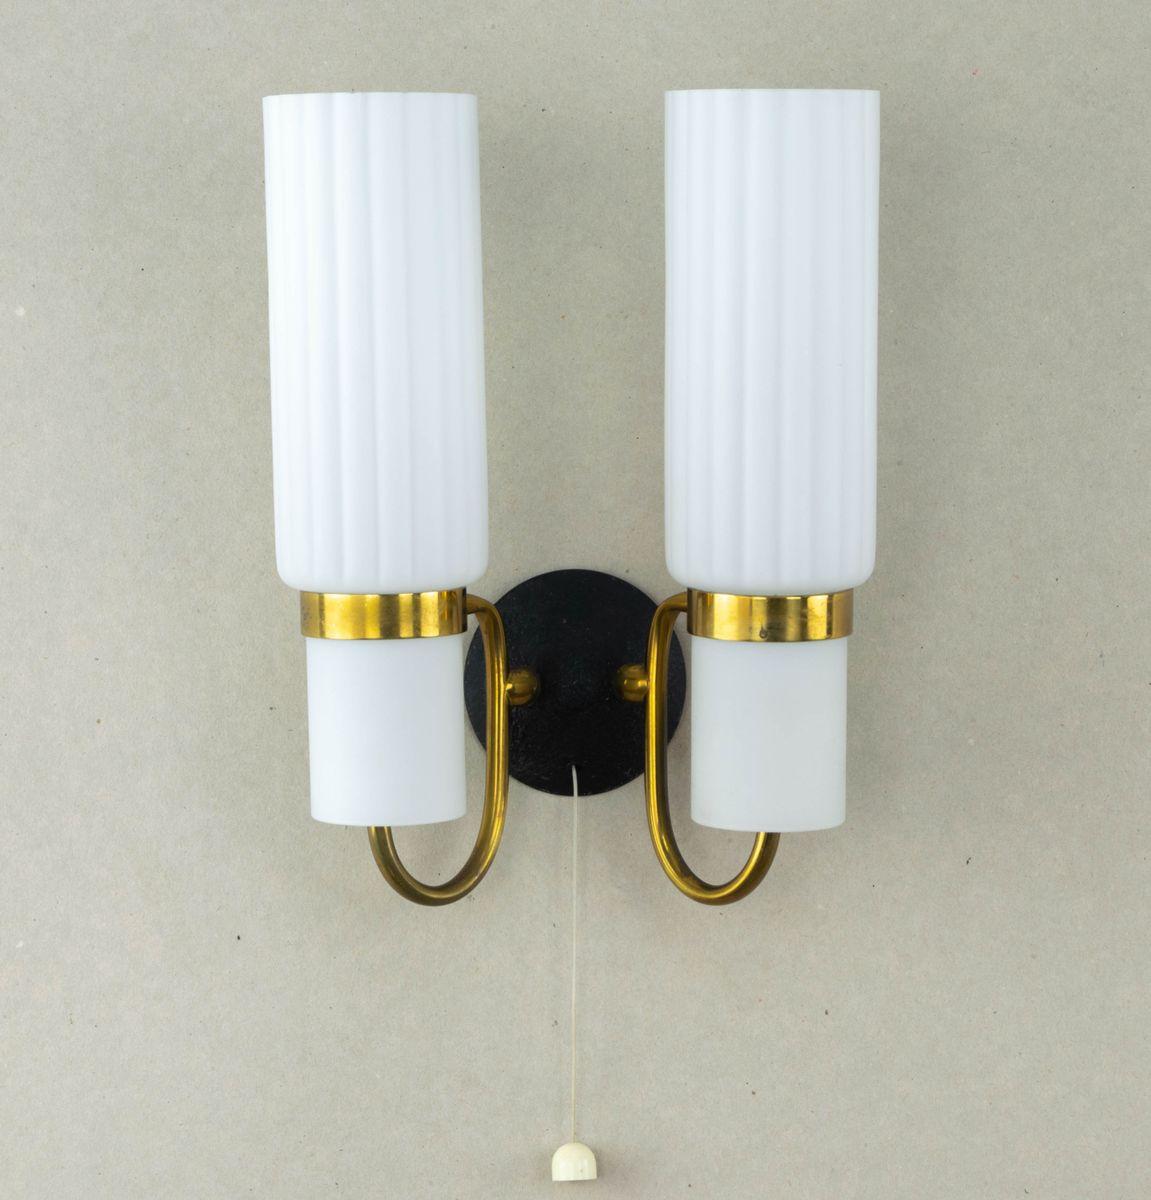 Wandlampe aus Messing und weißem Glas, 1960er